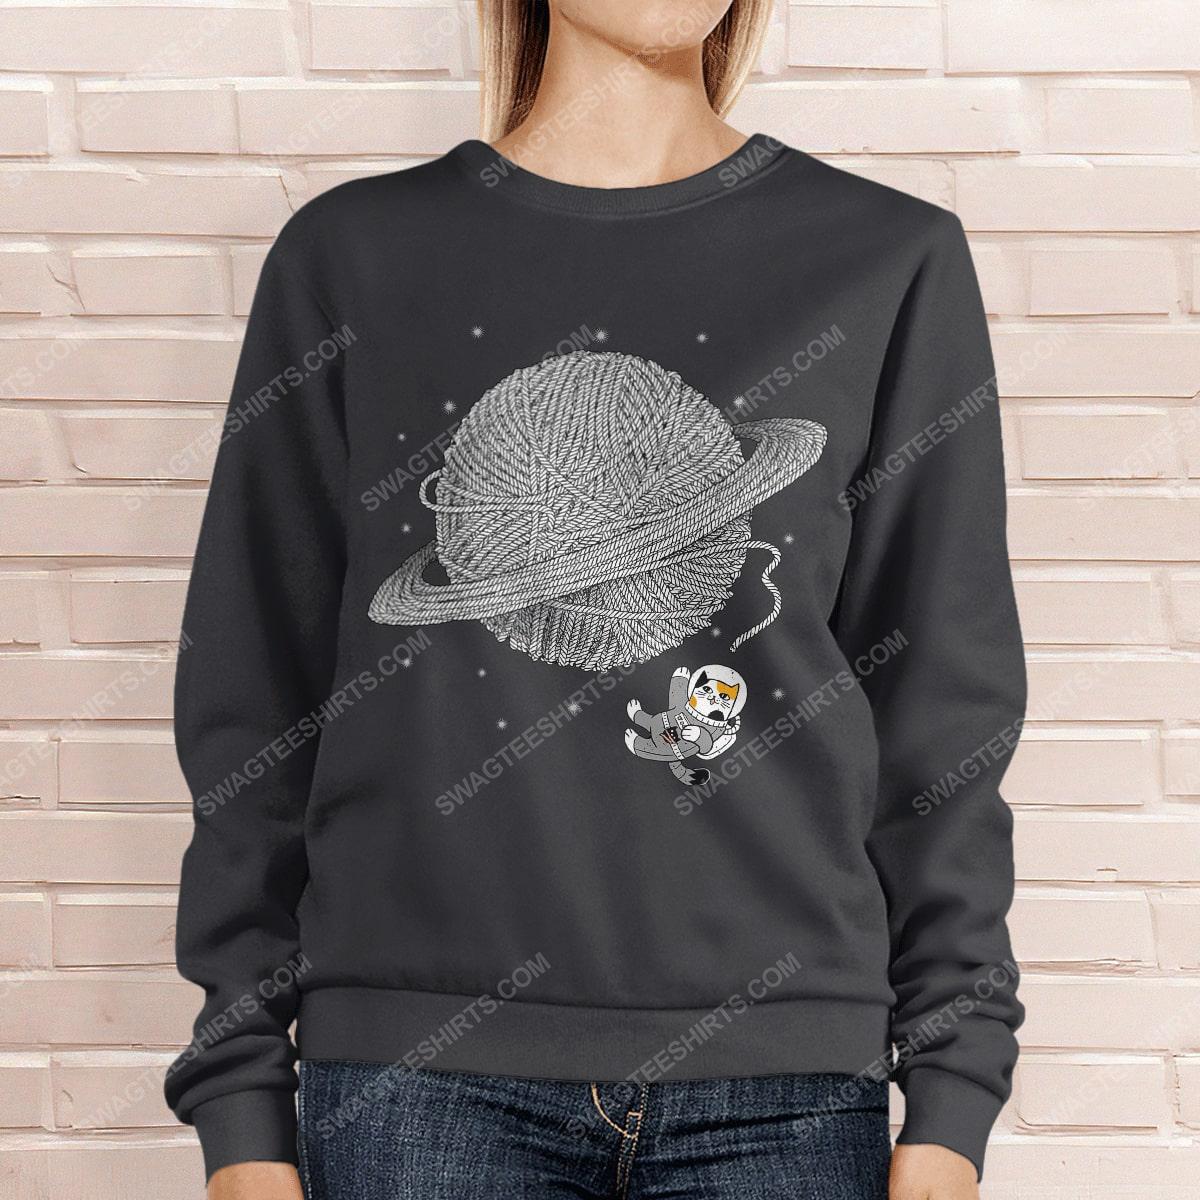 Astronaut and cat lover sweatshirt 1(1)